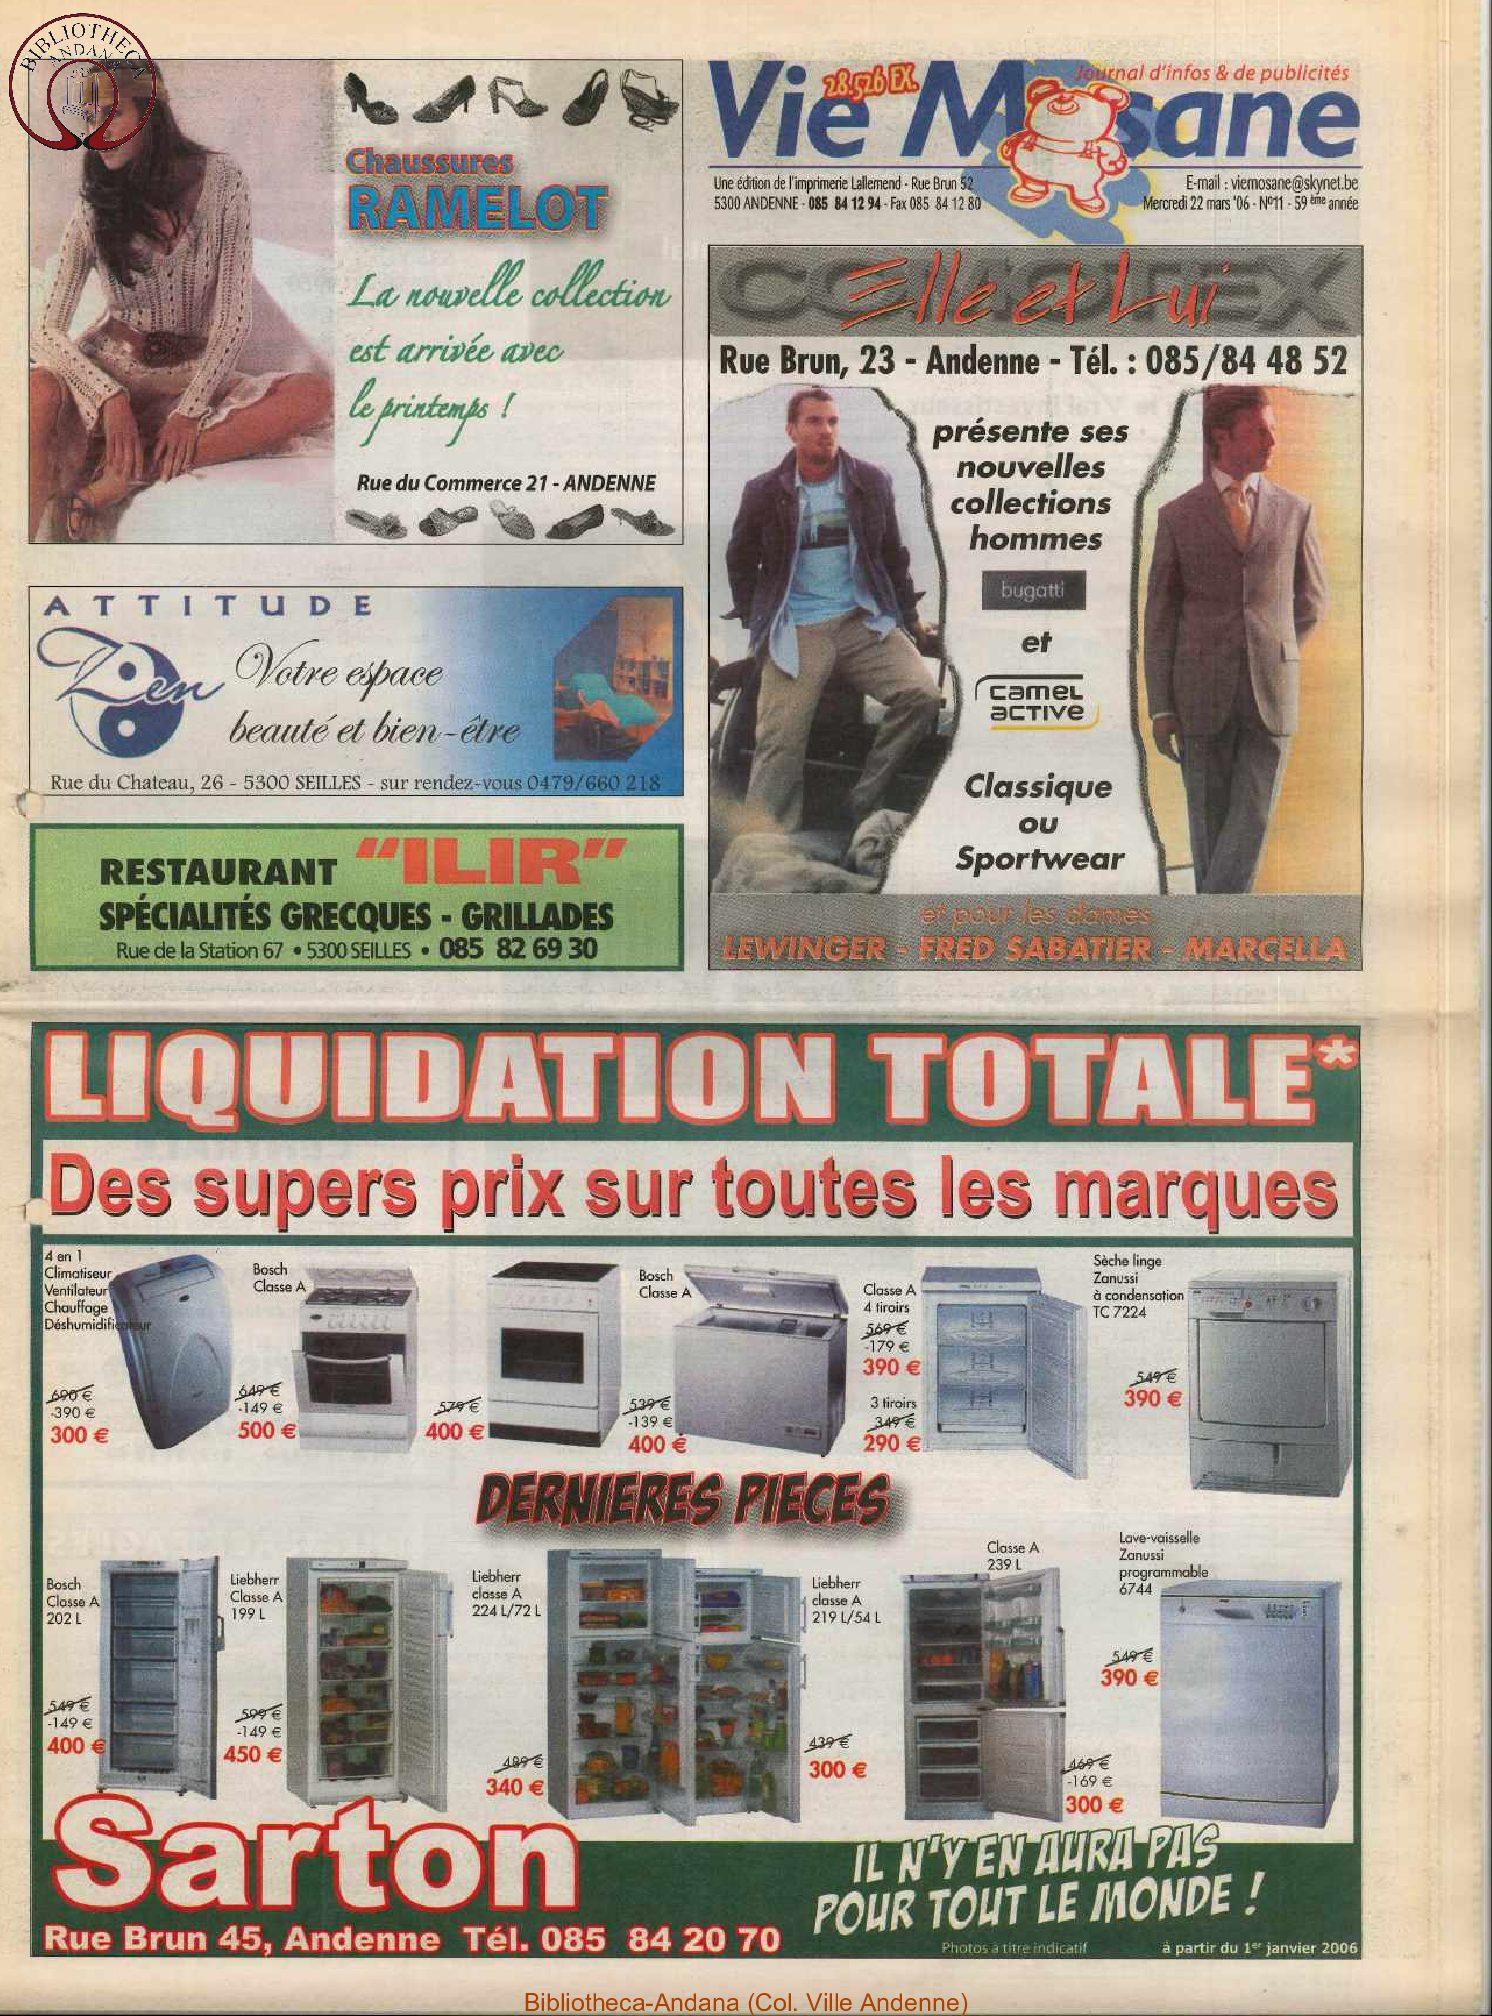 59e année - n°11 - 22 mars 2006